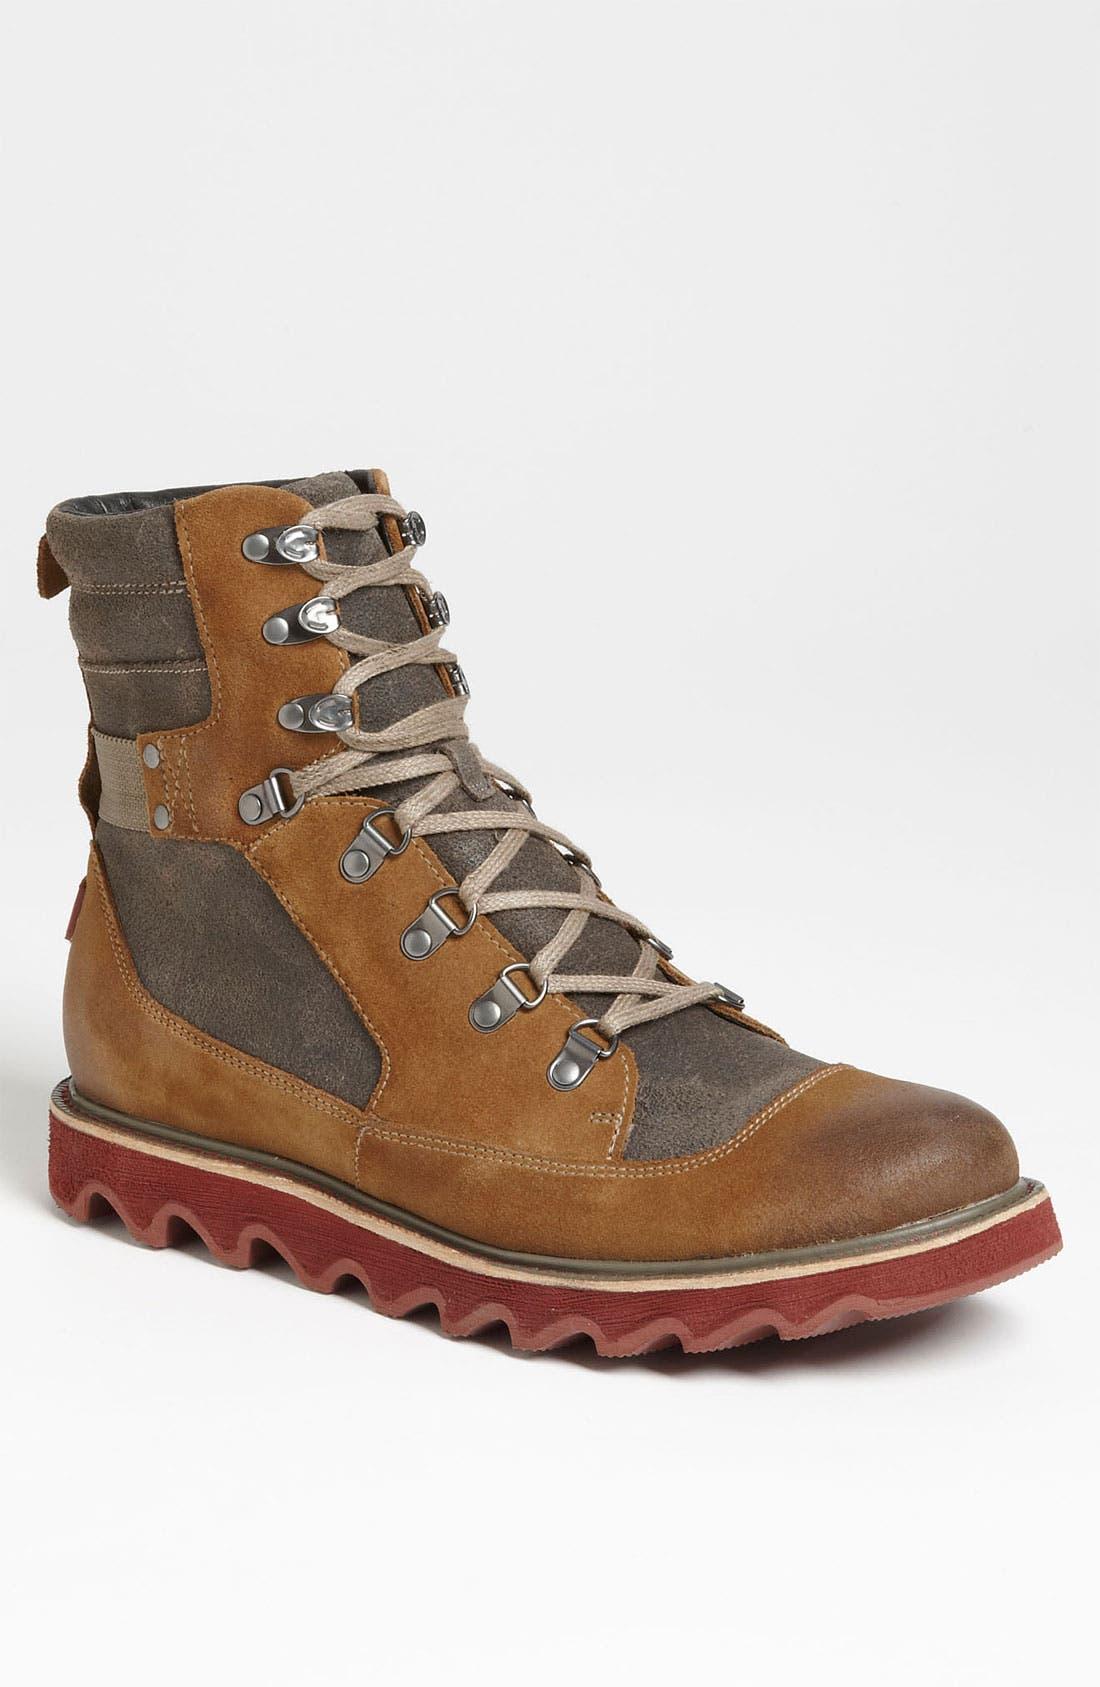 Main Image - SOREL 'Mad Mukluk' Boot